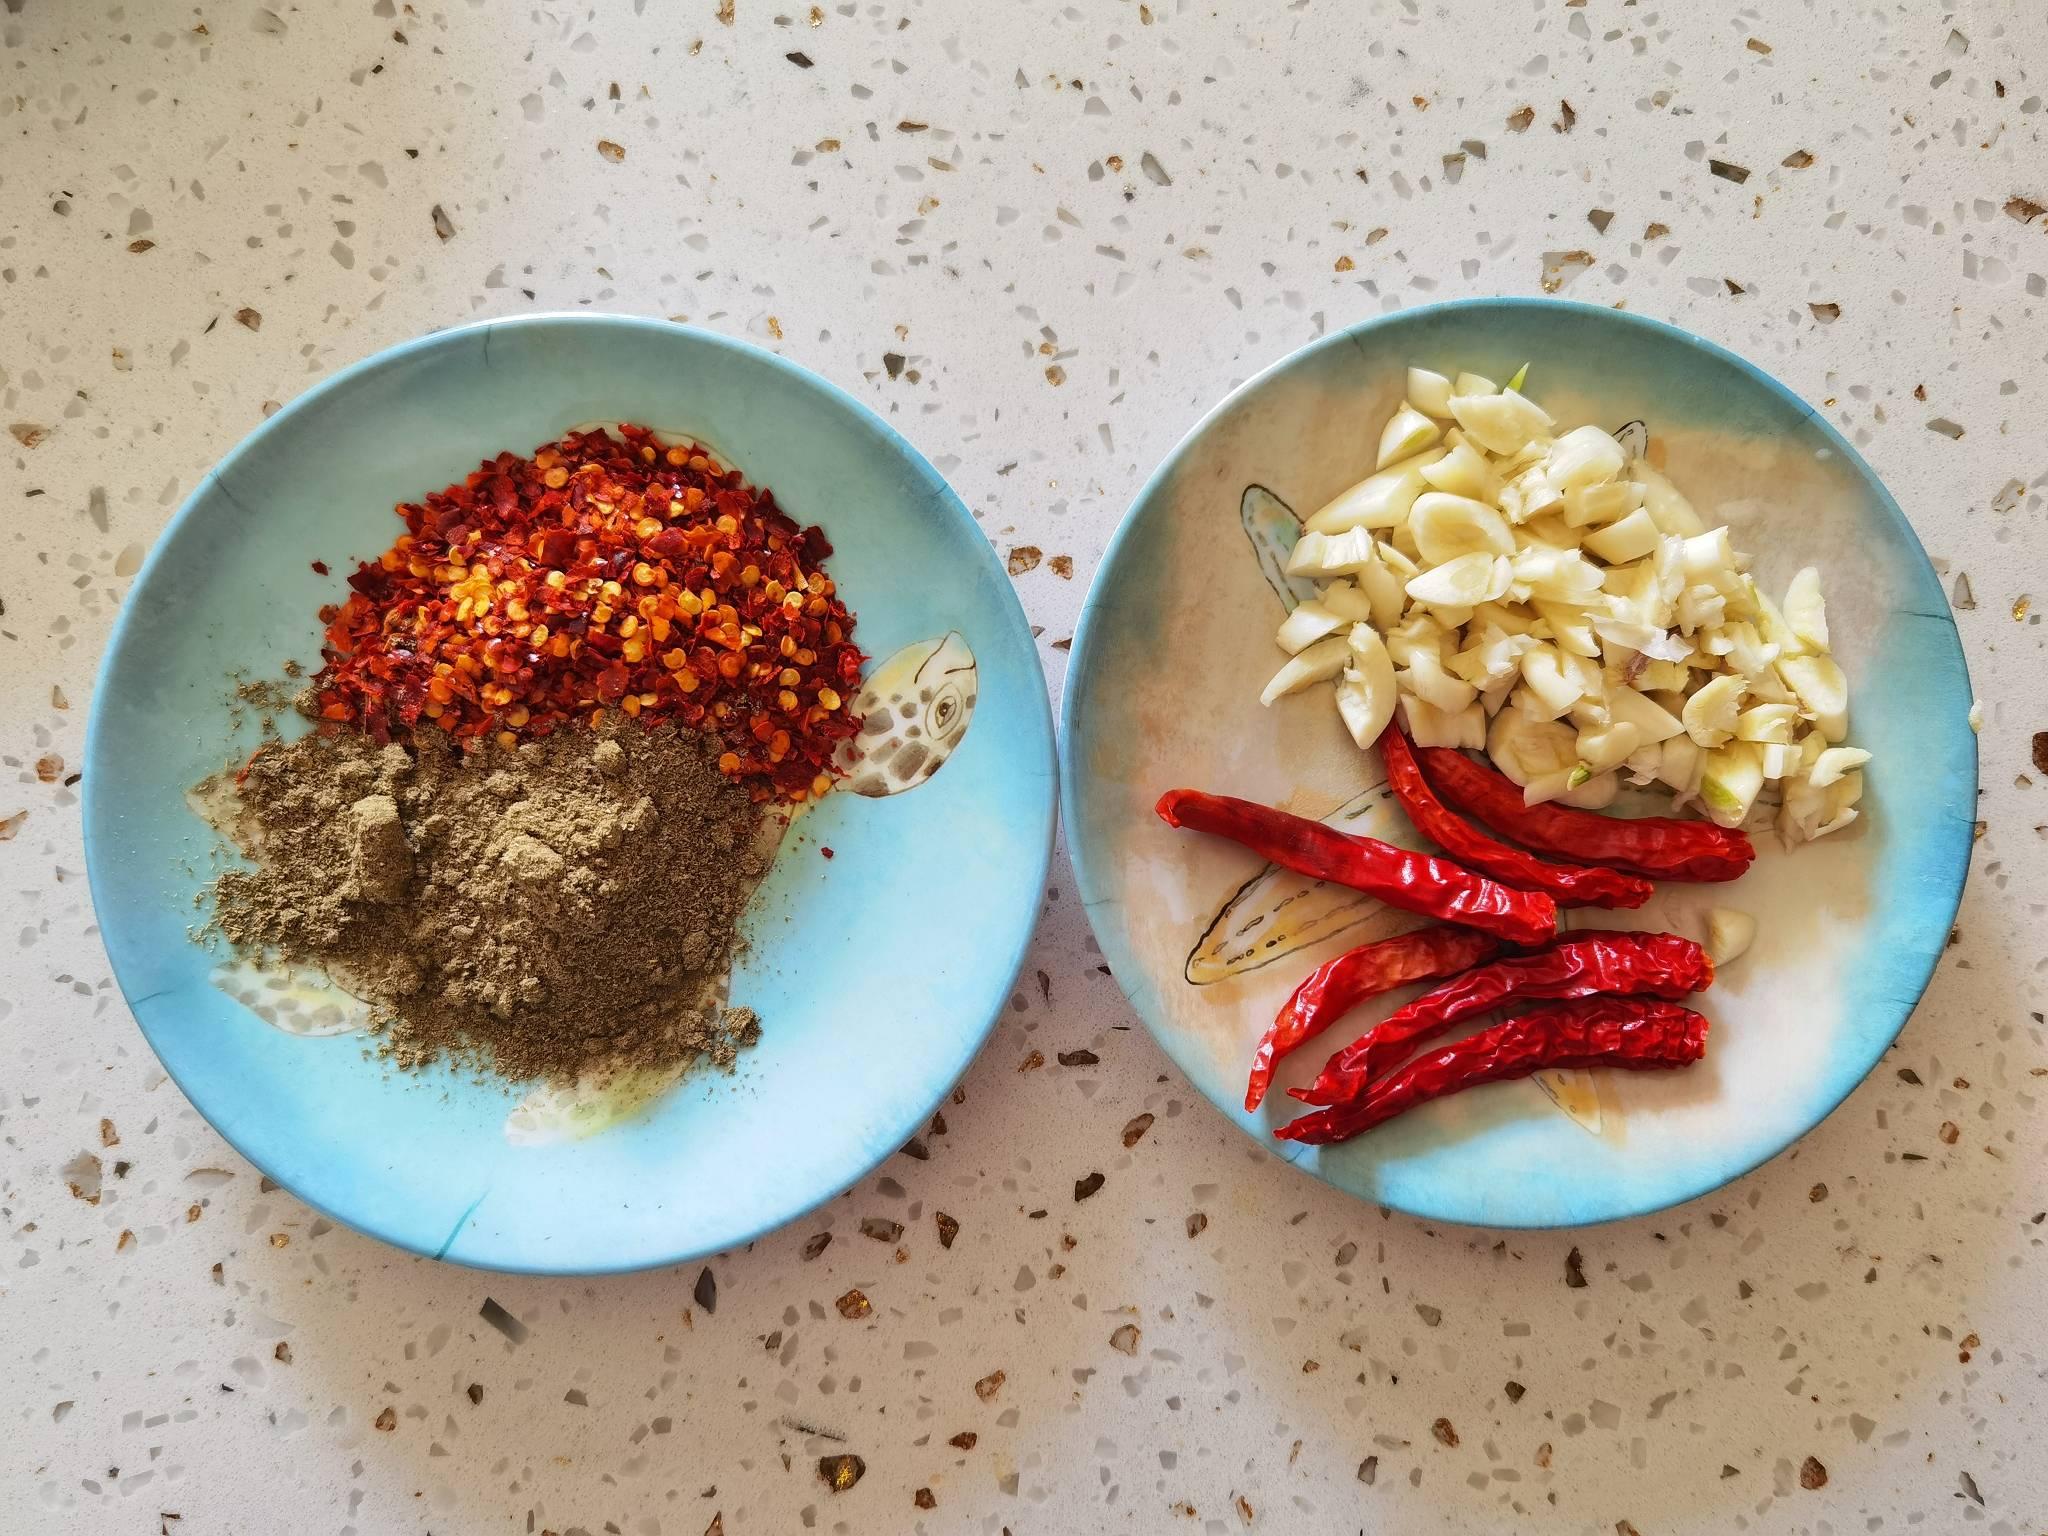 蘑菇新吃法-滑嫩鲜香辣炒孜然蘑菇,我竟然吃出了烤肉味的做法图解